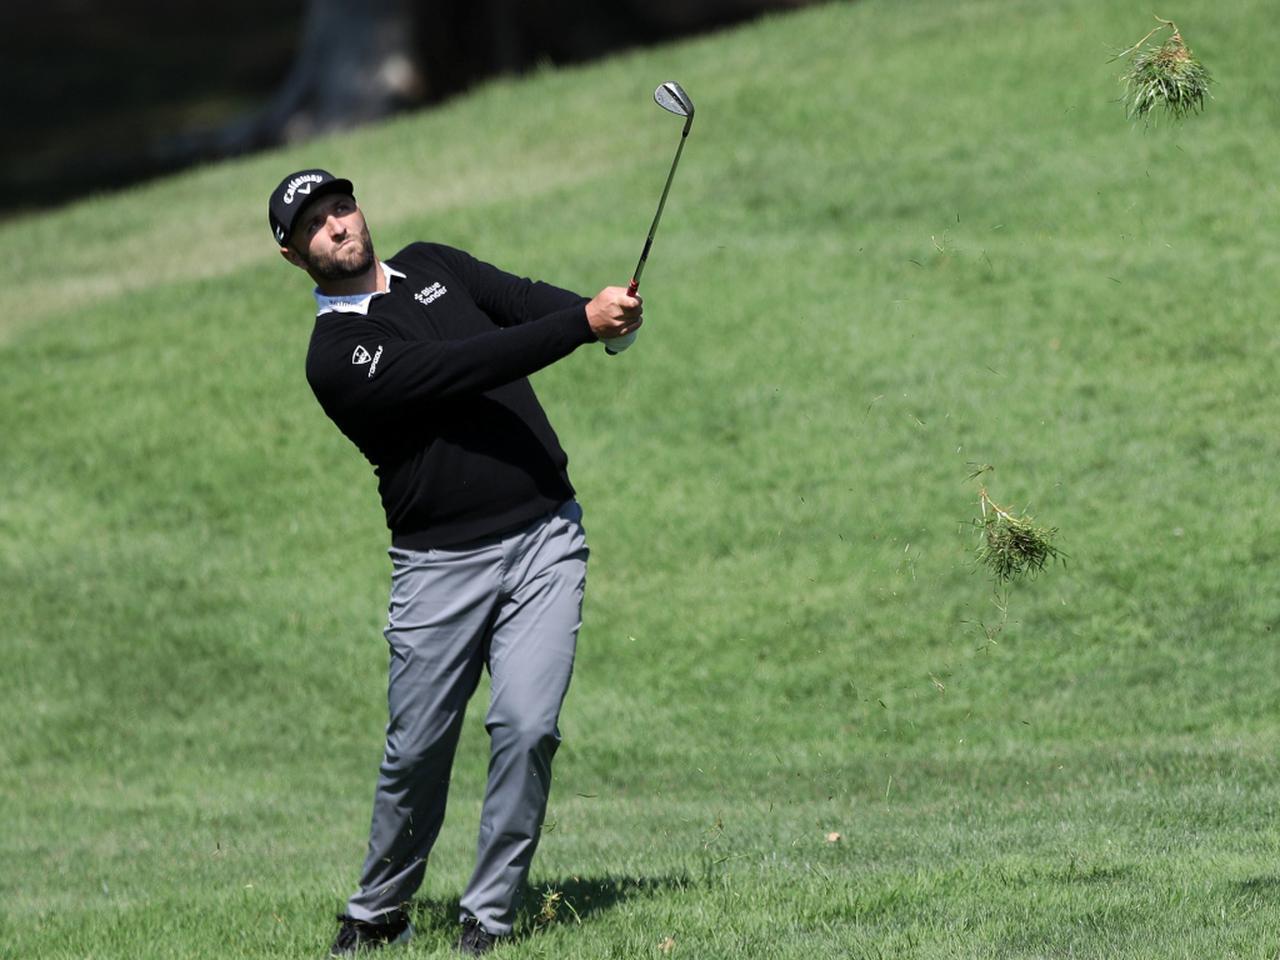 画像: PGAツアー21-22シーズン初戦「フォーティネット選手権」初日を終え、イーブンパー106位タイと出遅れたジョン・ラーム(写真/Getty Images)